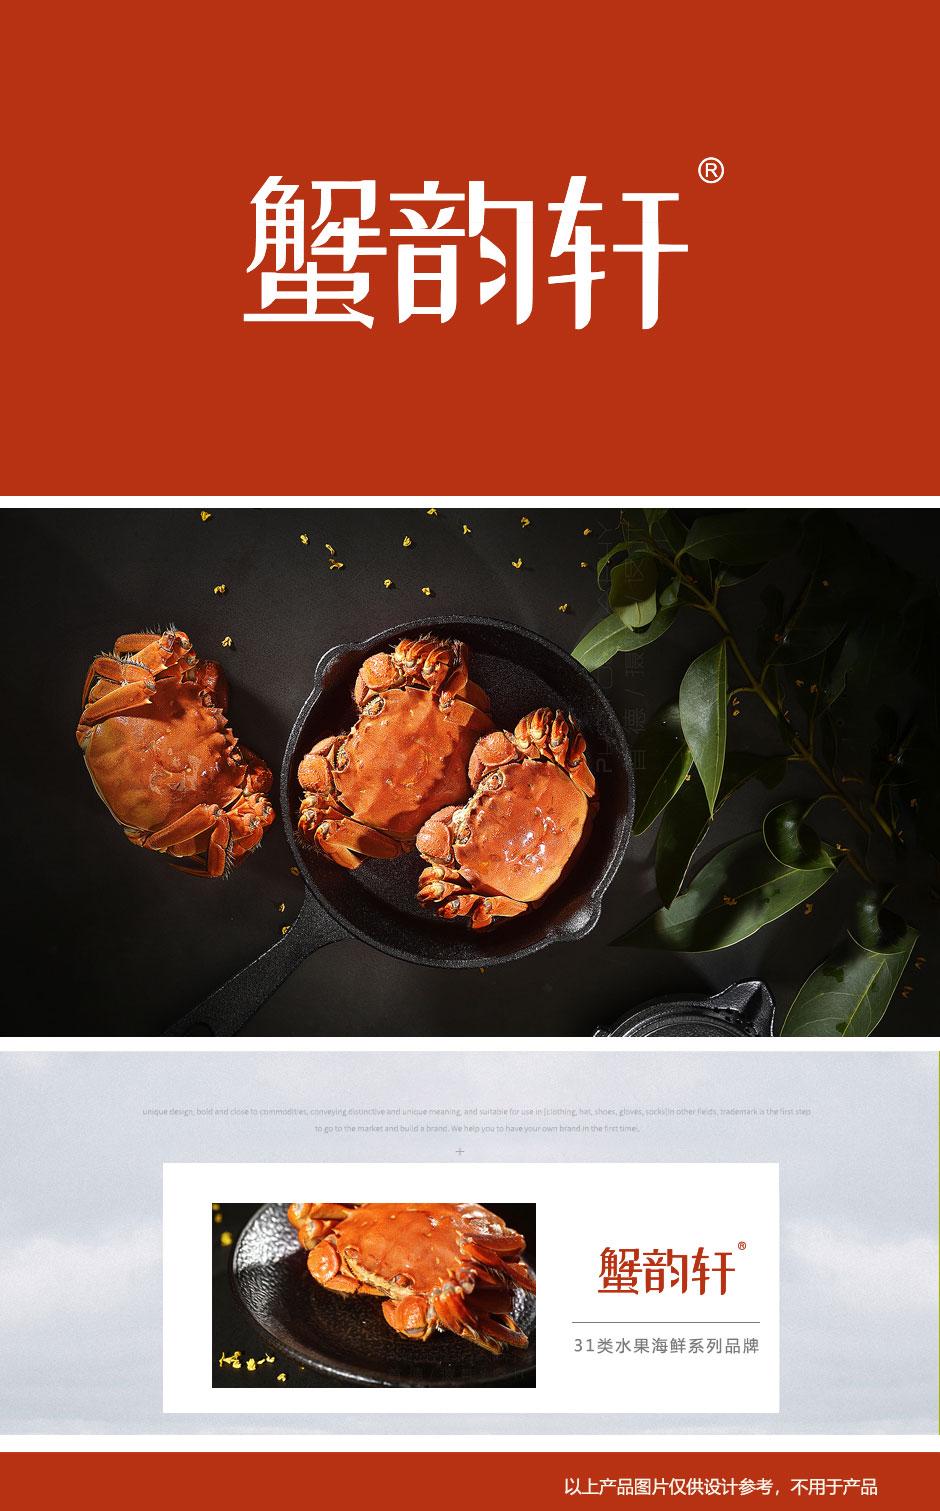 第31类-蟹韵轩